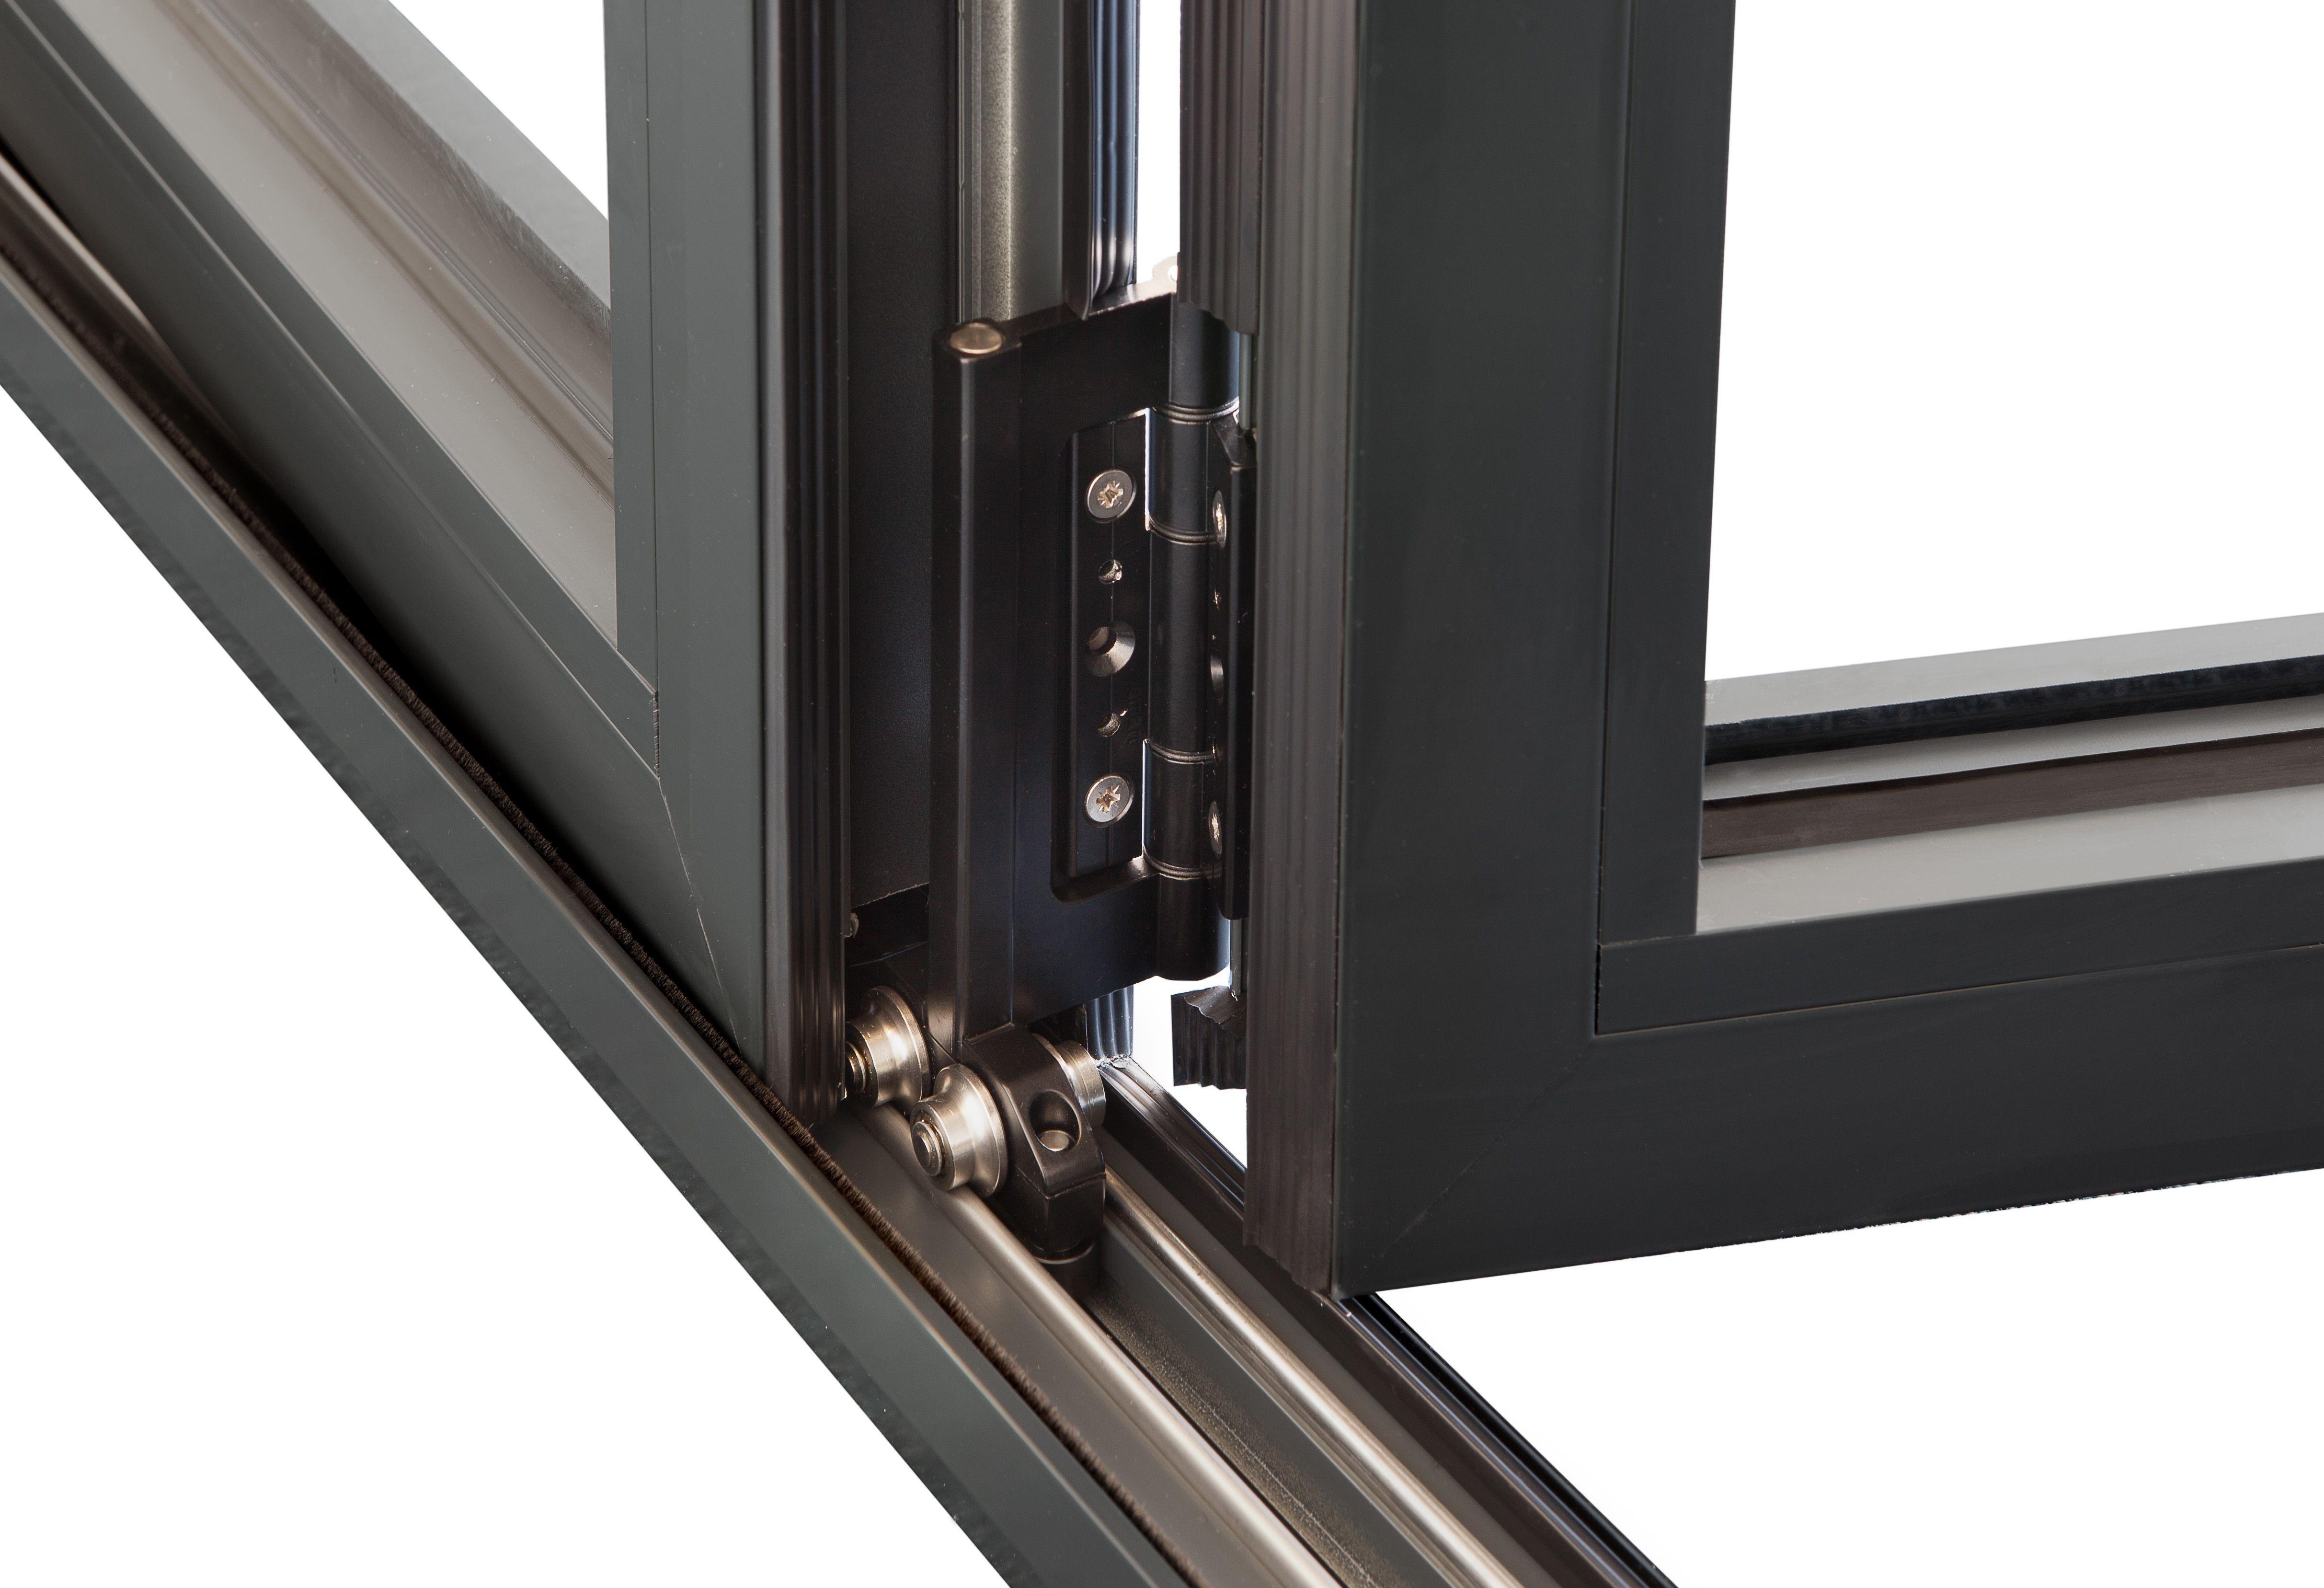 Stunning Aluminium Bi Folding Doors From Bi Folding Door Prices Design Price And Order Instantly Onl Folding Glass Doors Bifold Doors Retractable Glass Doors